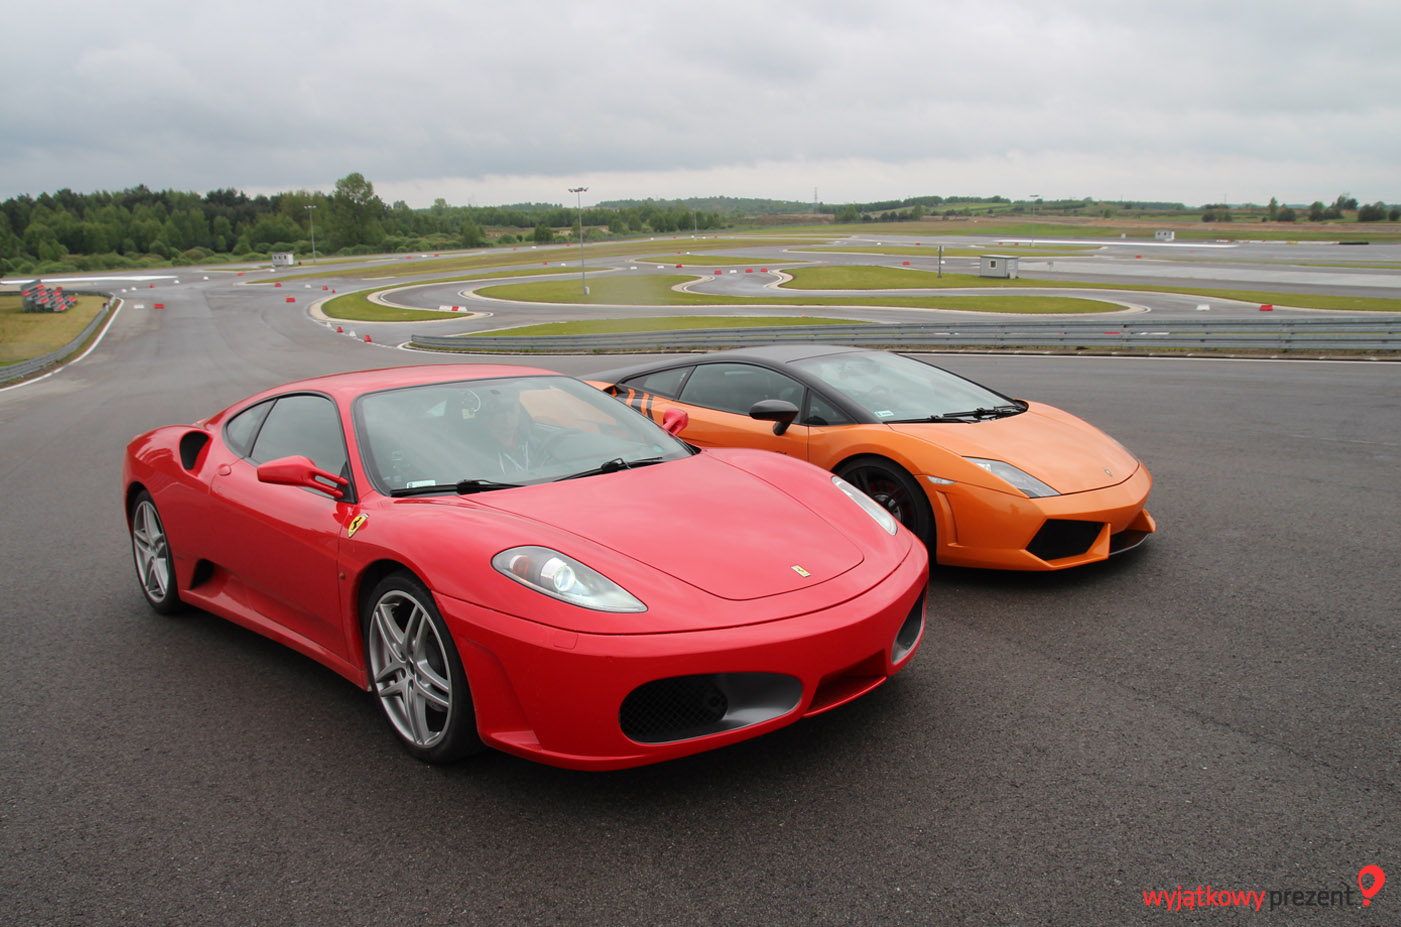 Ferrari 460 Modena i Lamborghini Gallardo od wyjatkowyprezent.pl